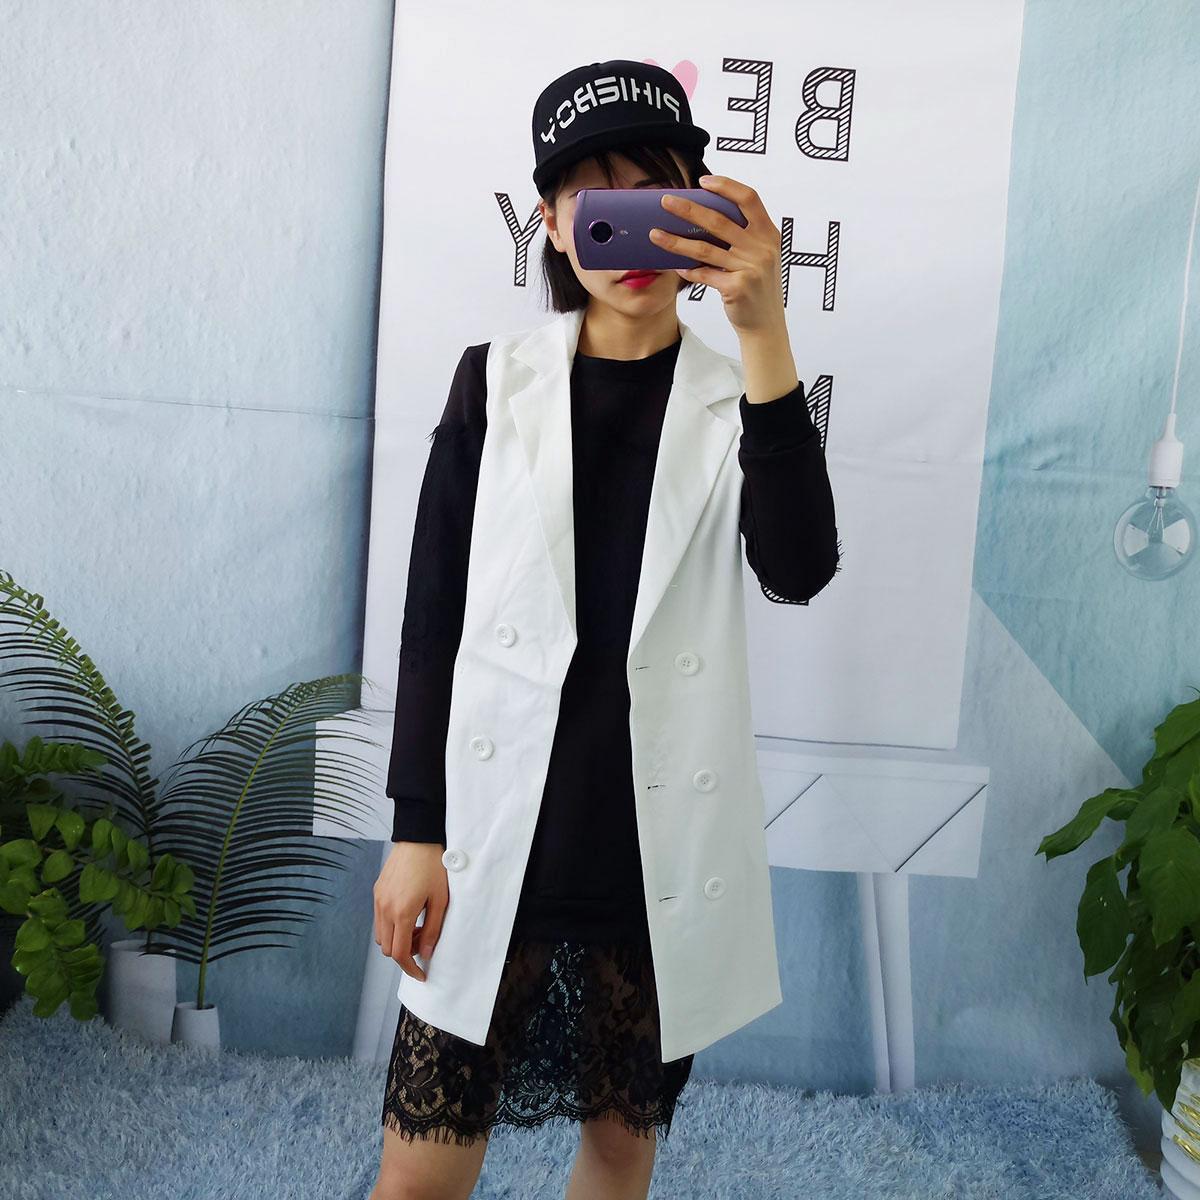 J10 2018新品女装韩版长款马甲女双排扣显瘦无袖西服外套百搭